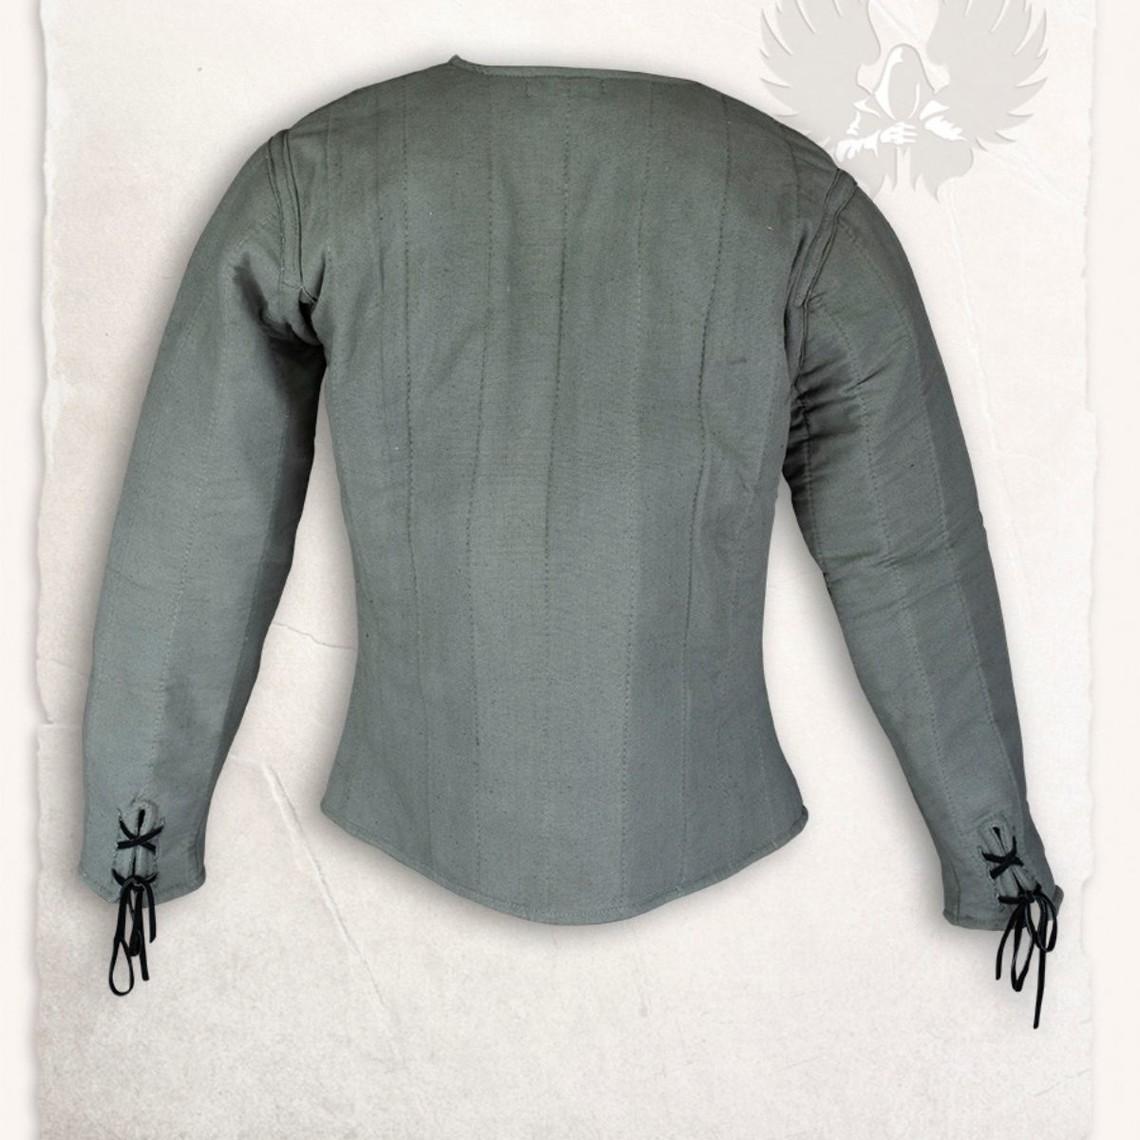 Mytholon gambesón siglo 15 Aulber, aceituna verde de la lona